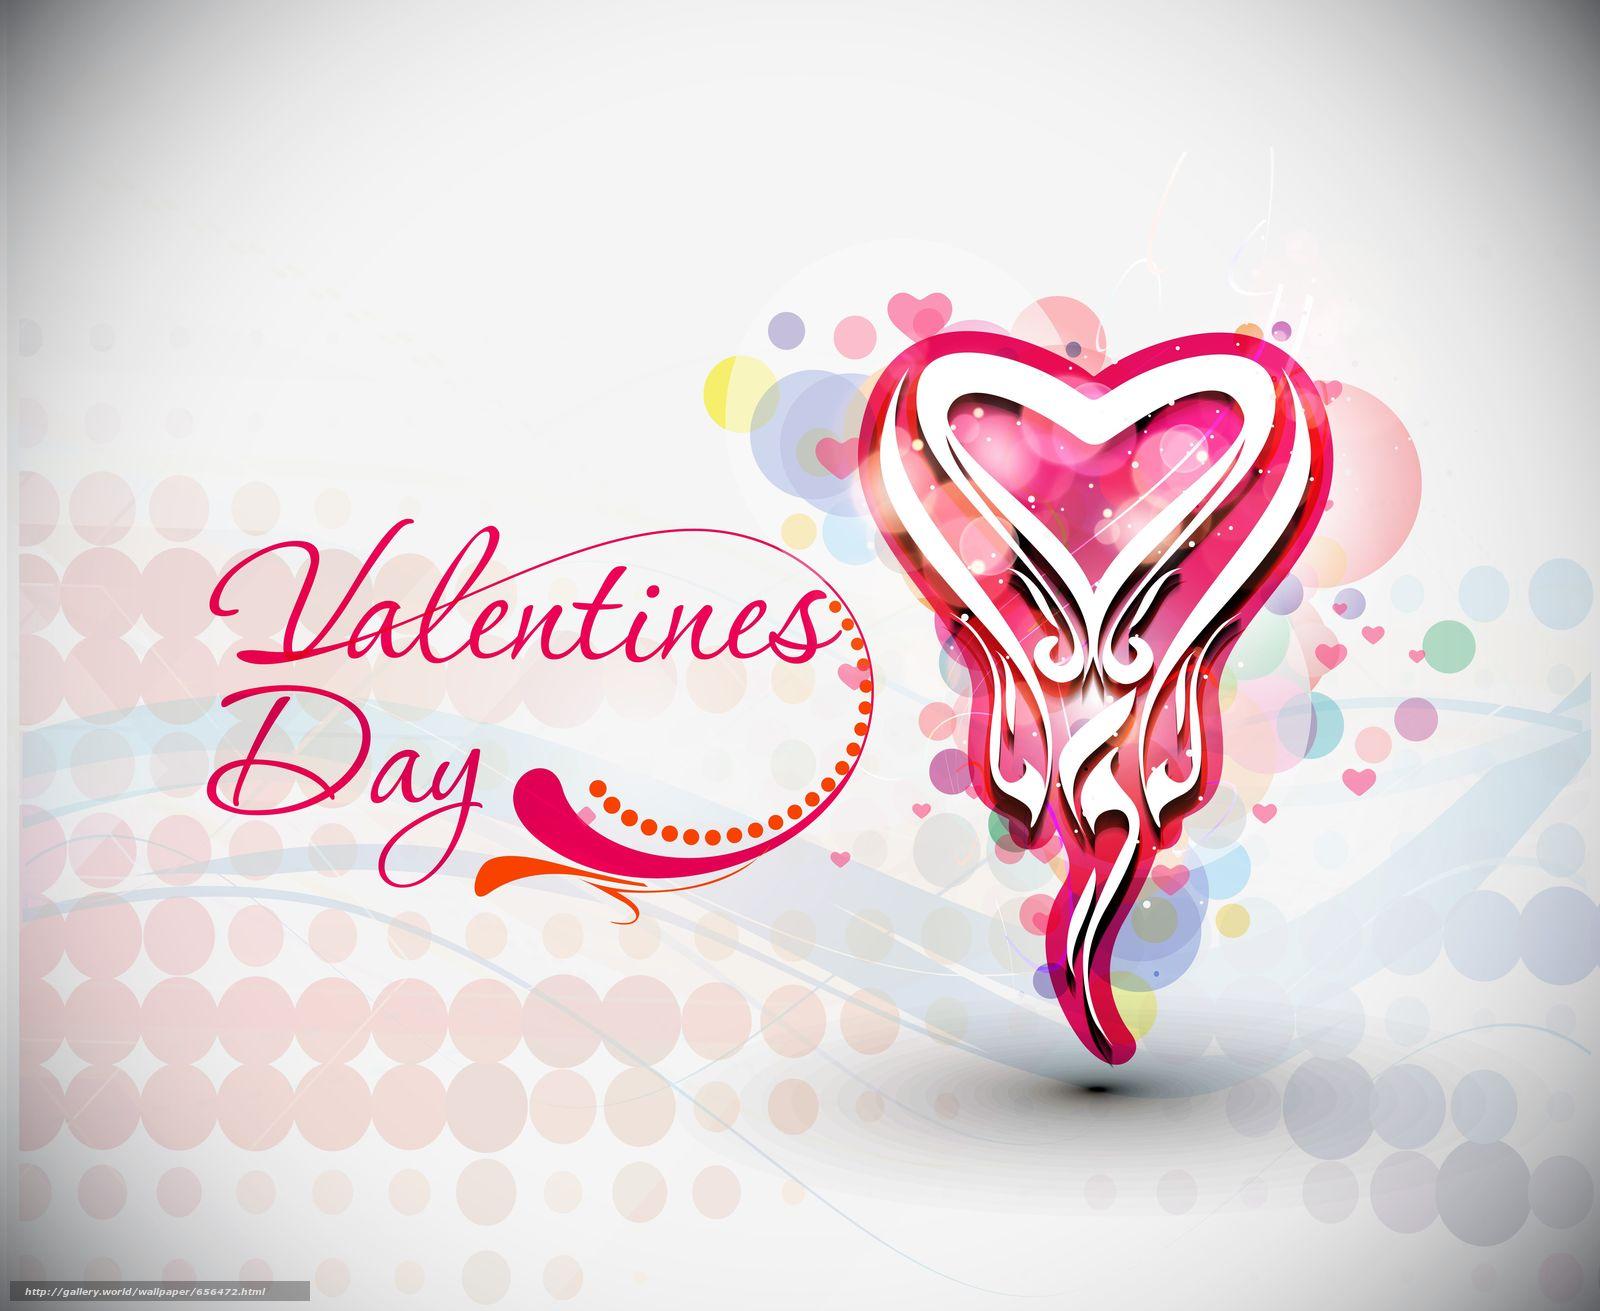 Скачать обои обои от Kisenok,  день святого валентина,  день всех влюбленных,  праздник бесплатно для рабочего стола в разрешении 5490x4500 — картинка №656472